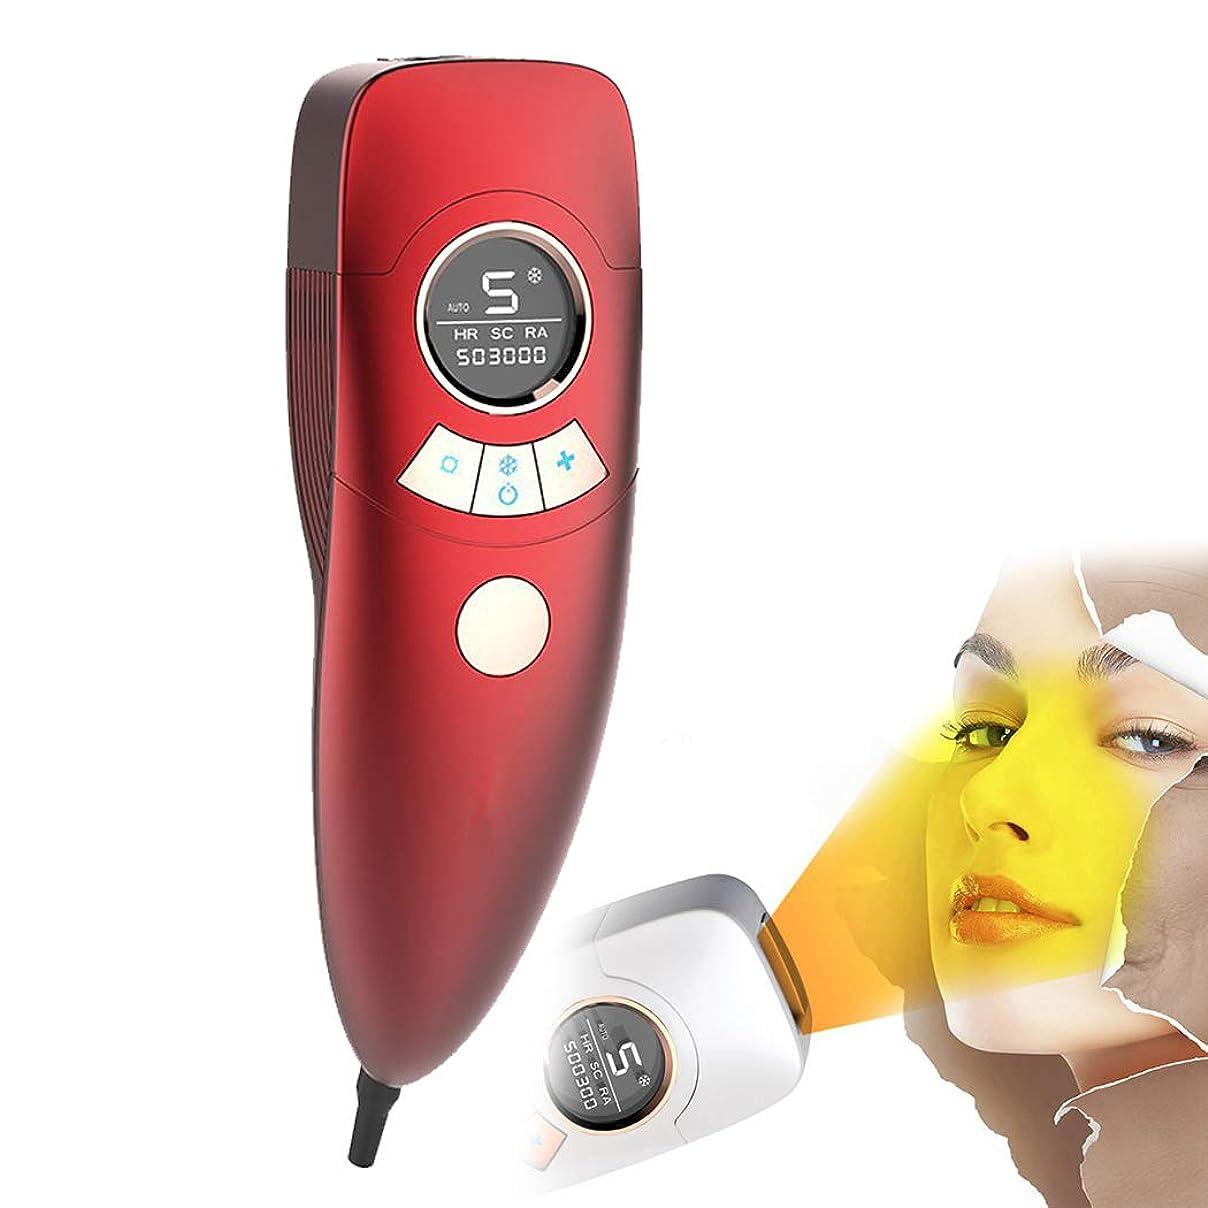 歩くショップ進む電気脱毛装置は痛みがありません女性4で1充電式電気脱毛器の髪、ビキニエリア鼻脇の下腕の脚の痛みのない永久的な体毛リムーバー-red